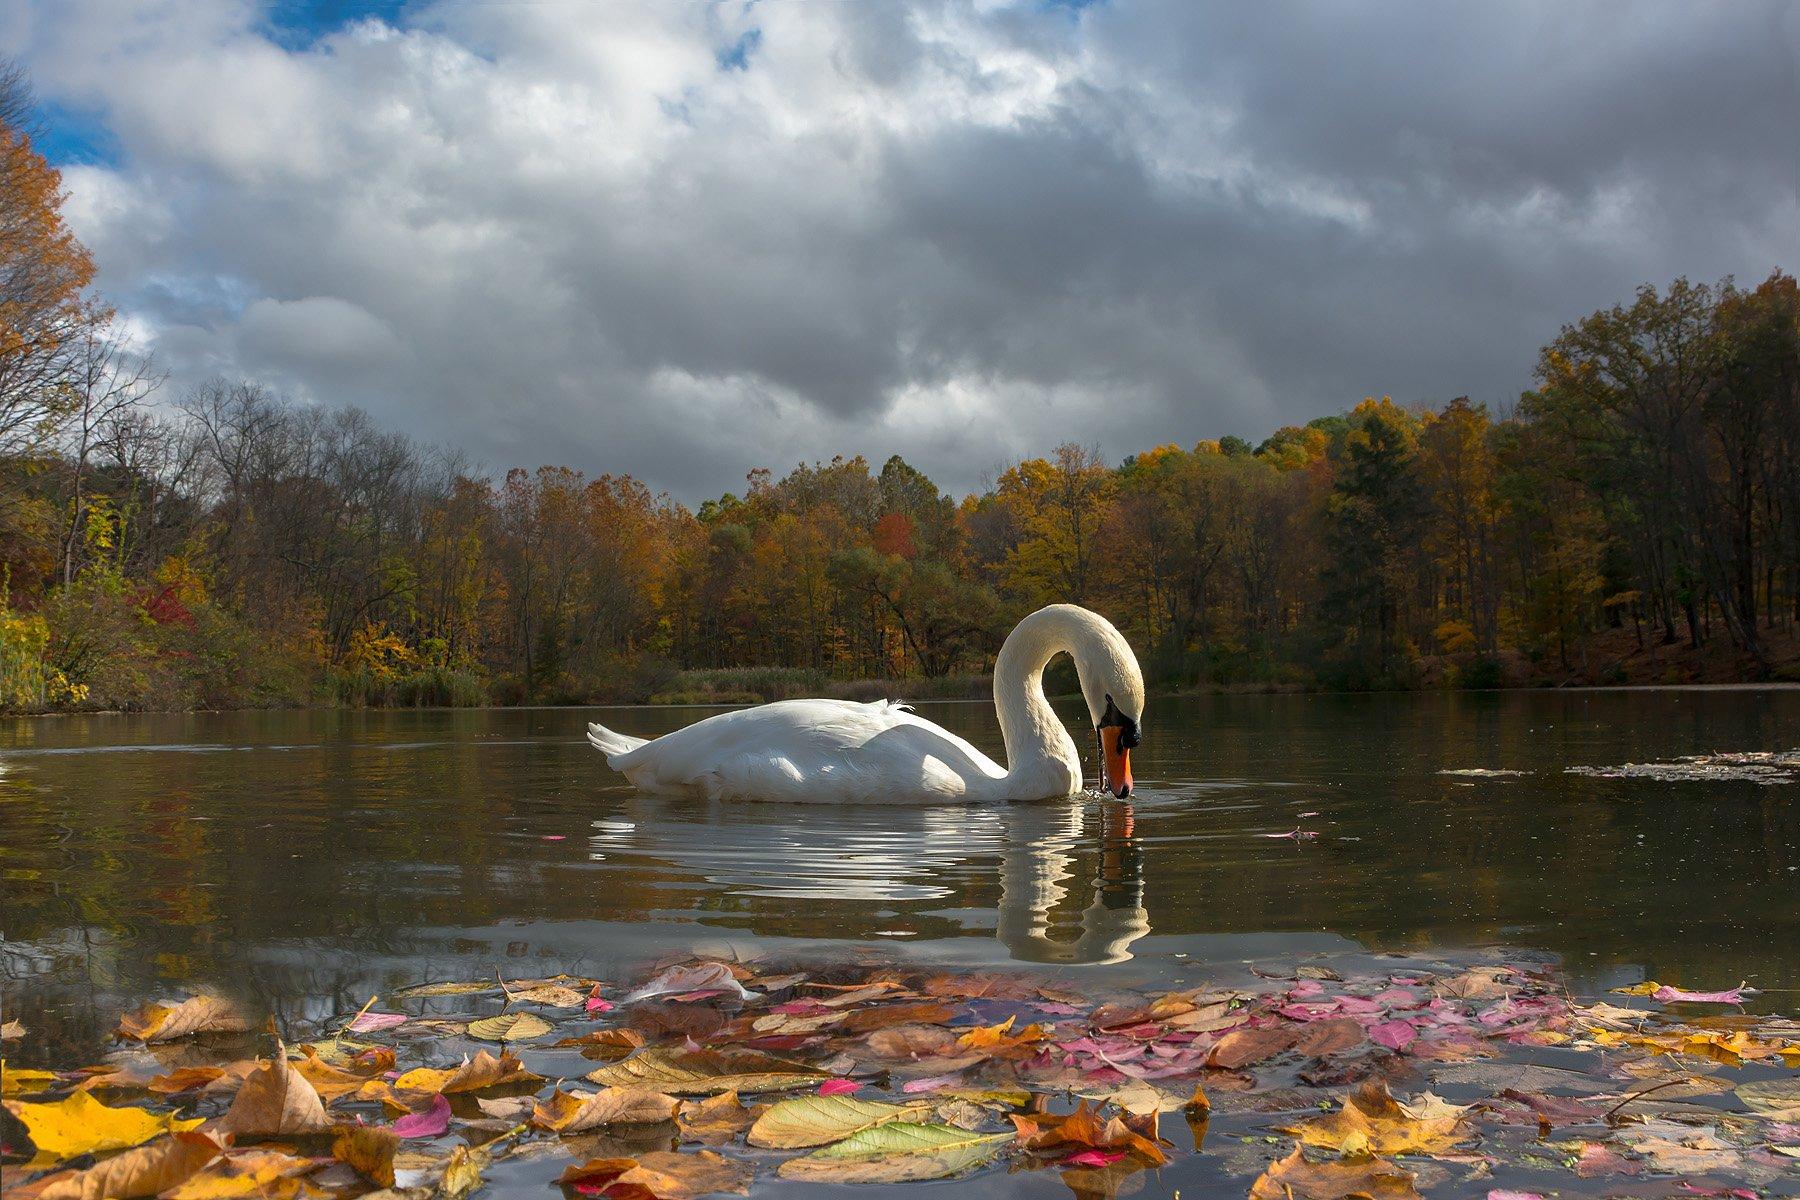 фотоохота, лебеди,животные,птицы,природа,пейзаж,фауна,осень,листья,озеро,, Антонина